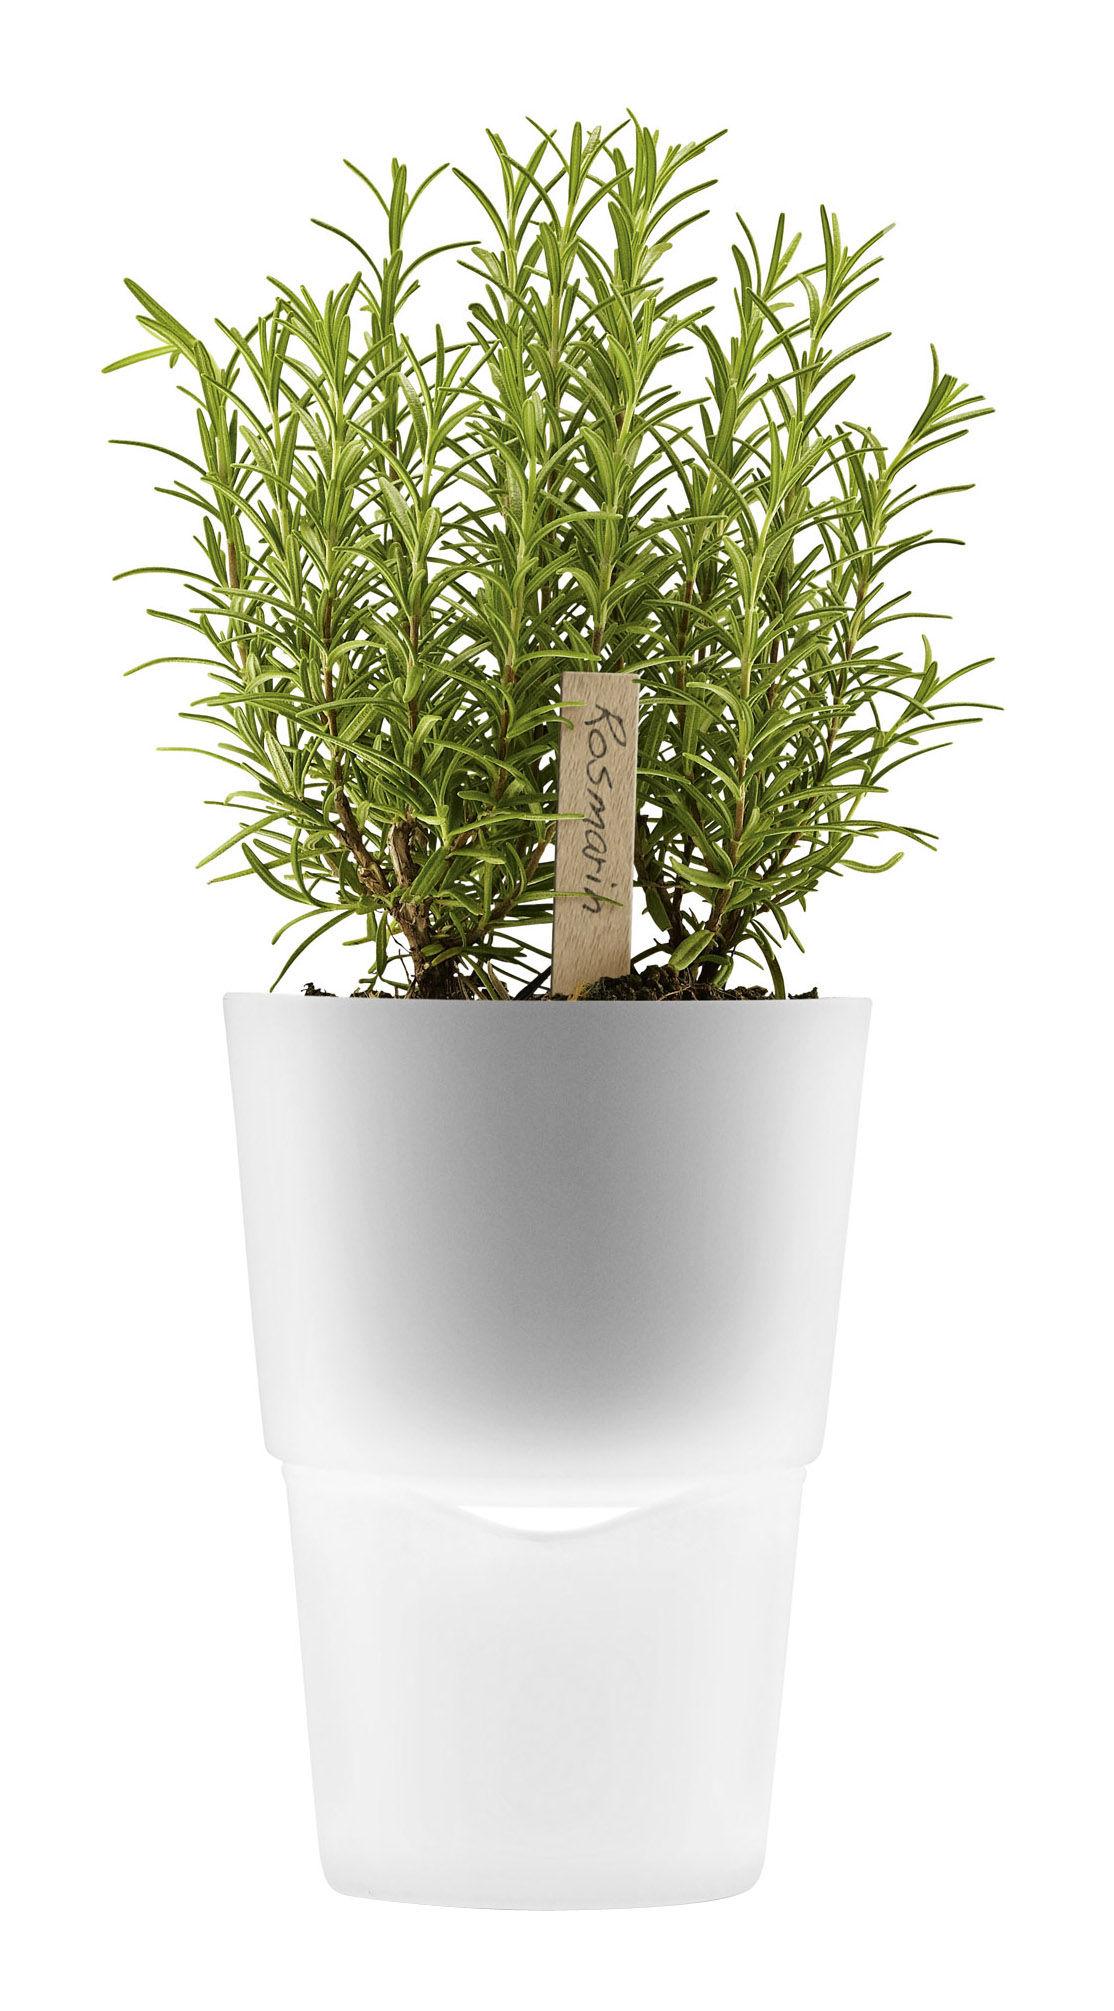 Outdoor - Töpfe und Pflanzen - Blumentopf mit Wasserreservoir - Ø 13 cm - Glas - Eva Solo - Milchglas - Ø 13 cm - Glas, Plastik